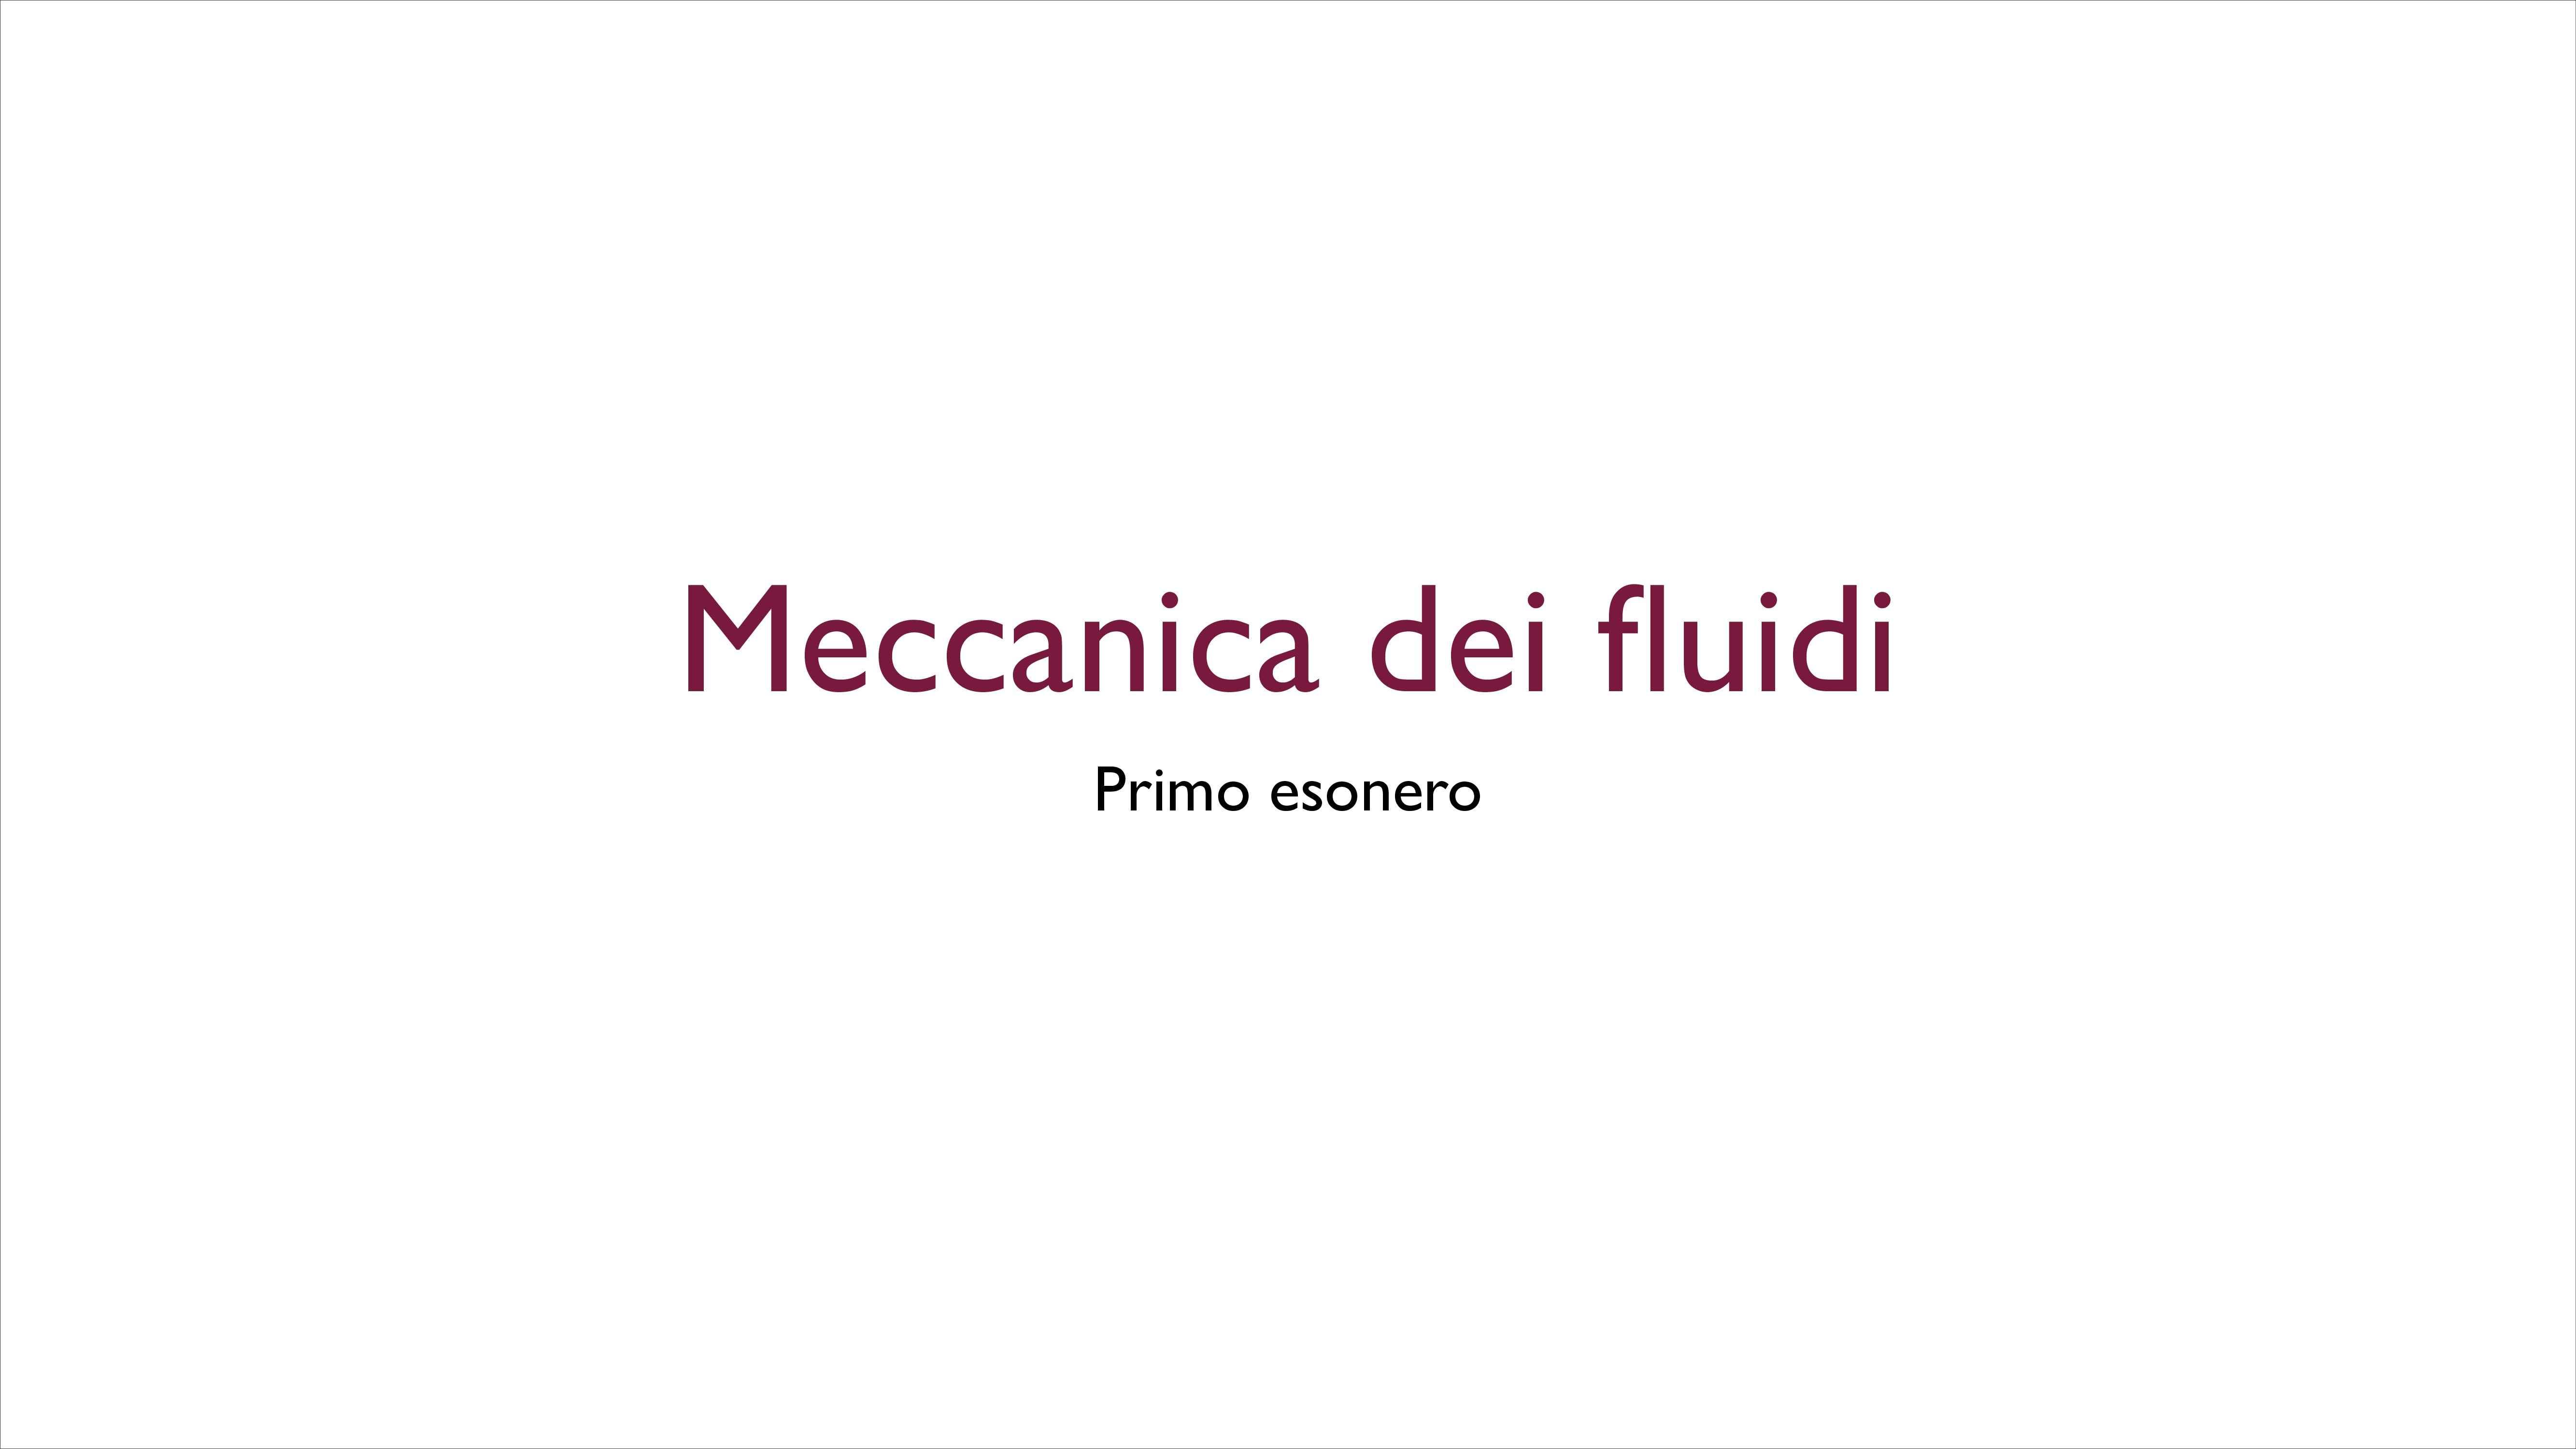 Meccanica dei fluidi primo esonero